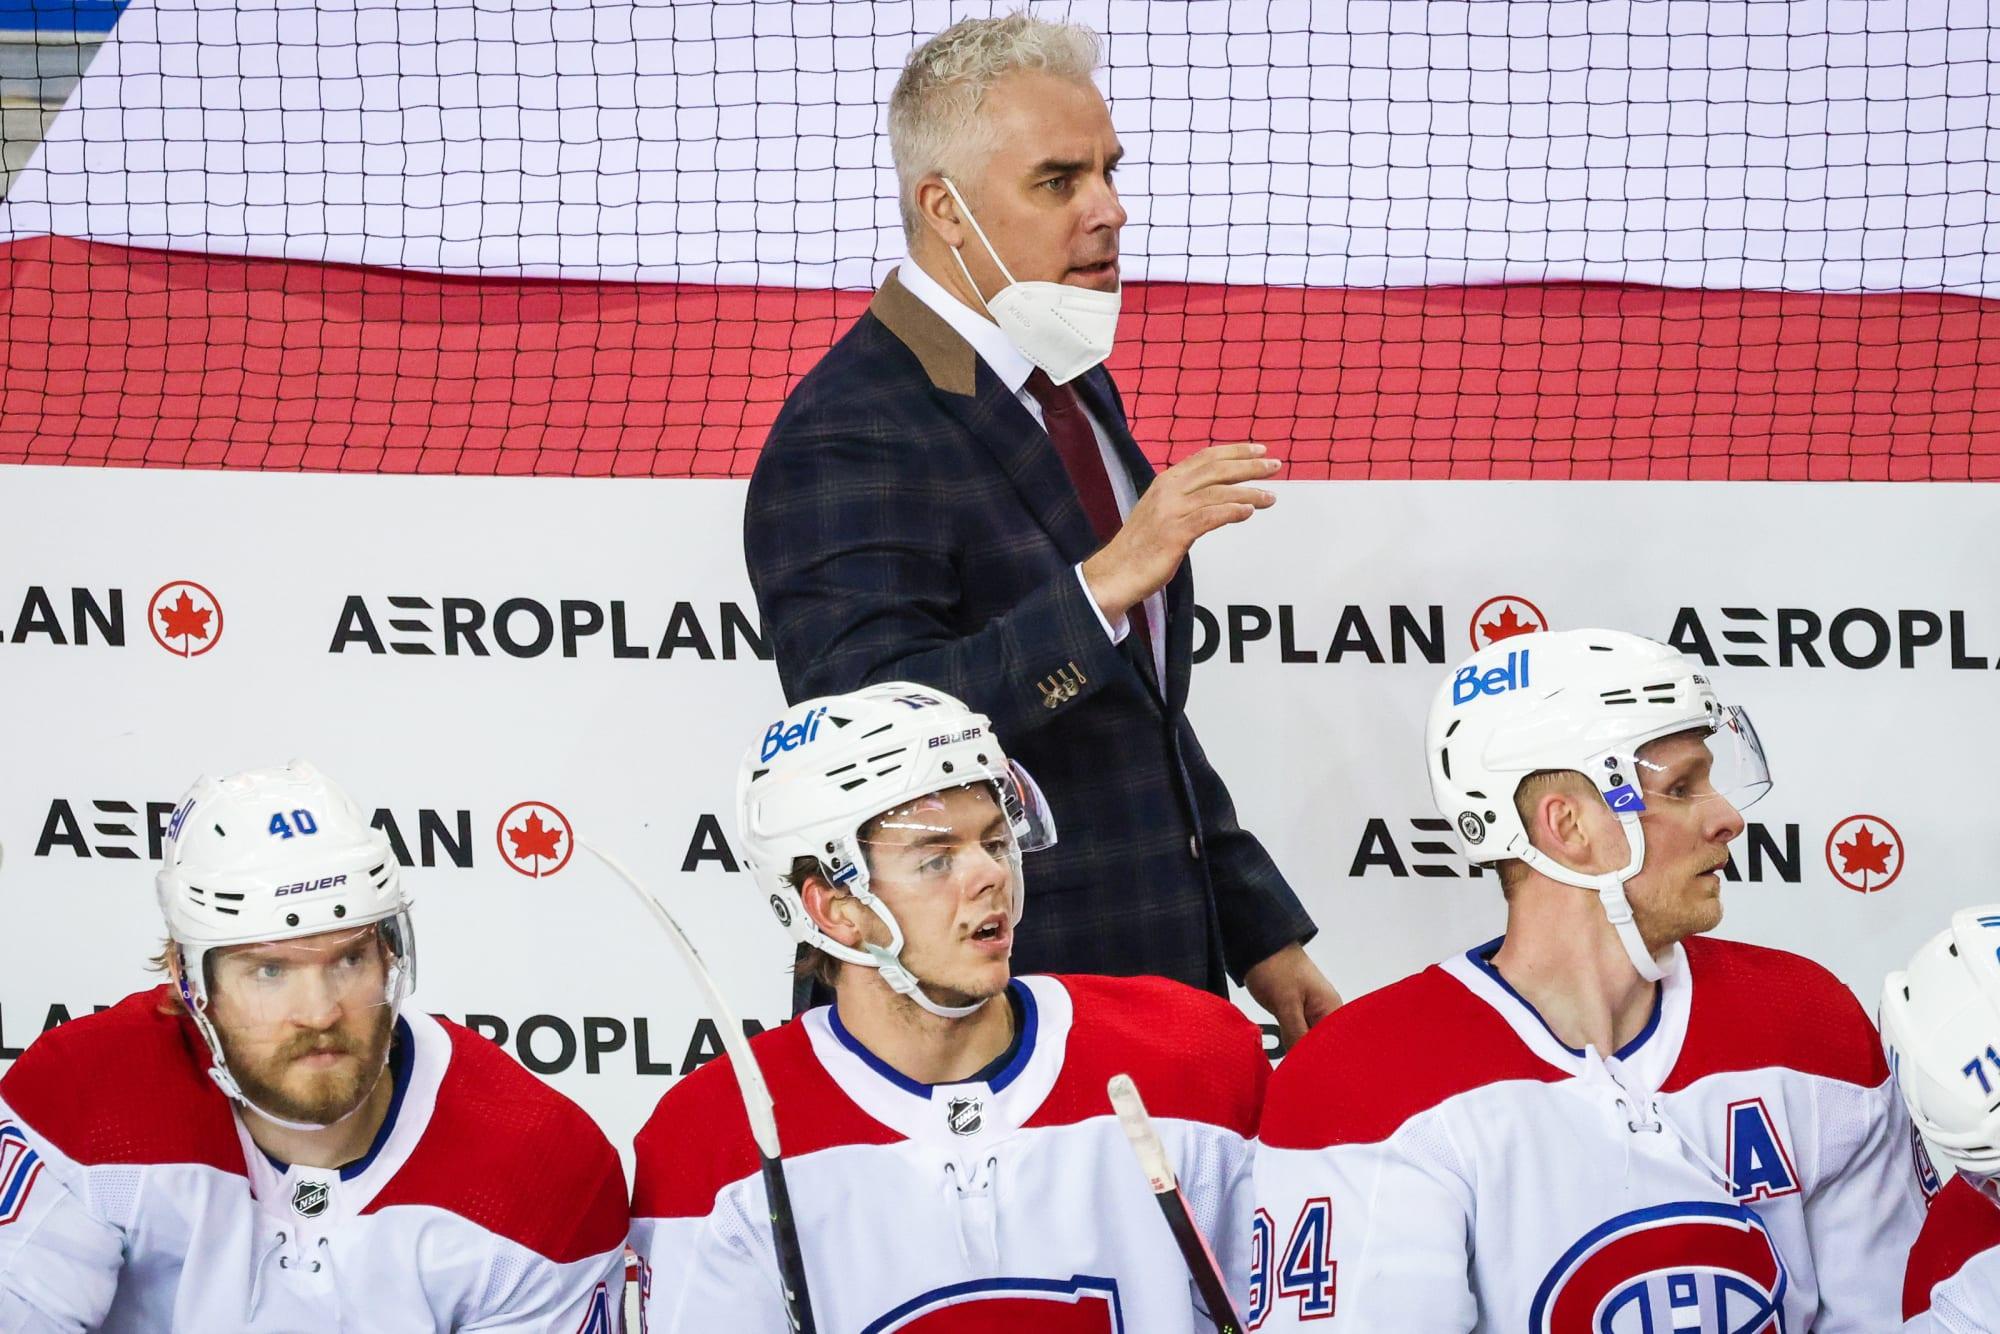 Montreal Canadiens: Dom Ducharme Line Blender on Full Blast